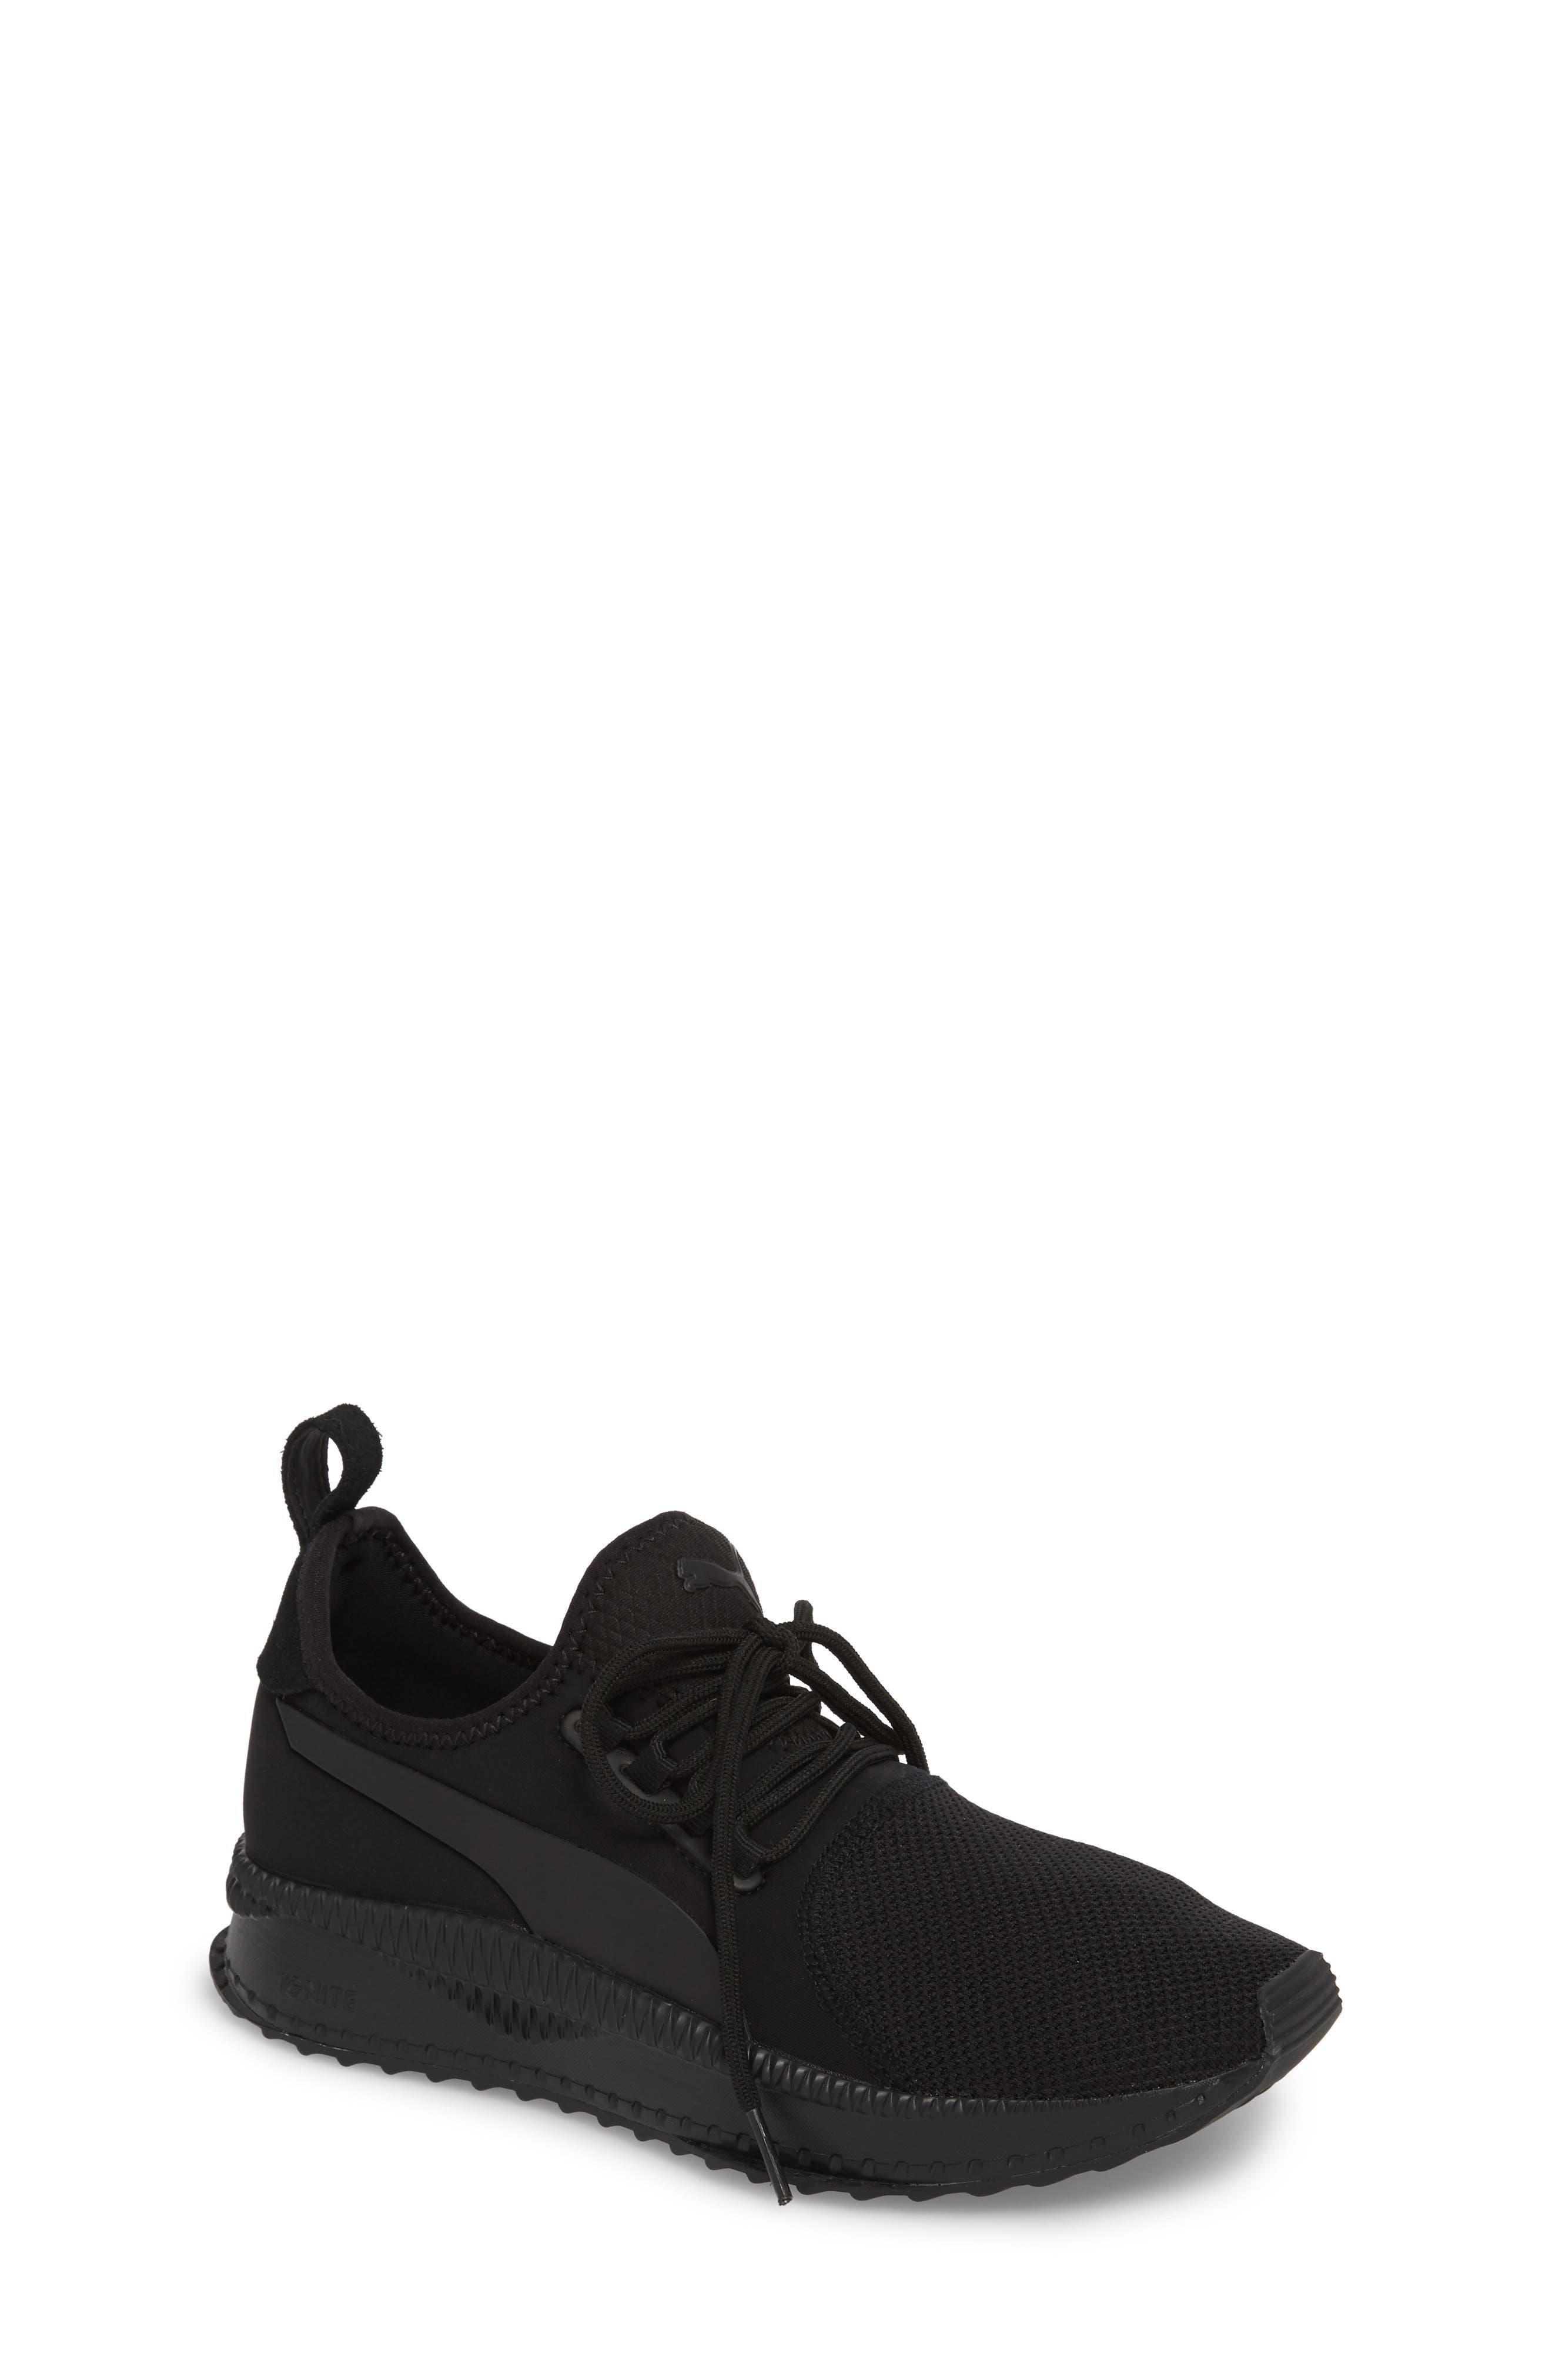 Tsugi Apex Sneaker,                         Main,                         color, 001